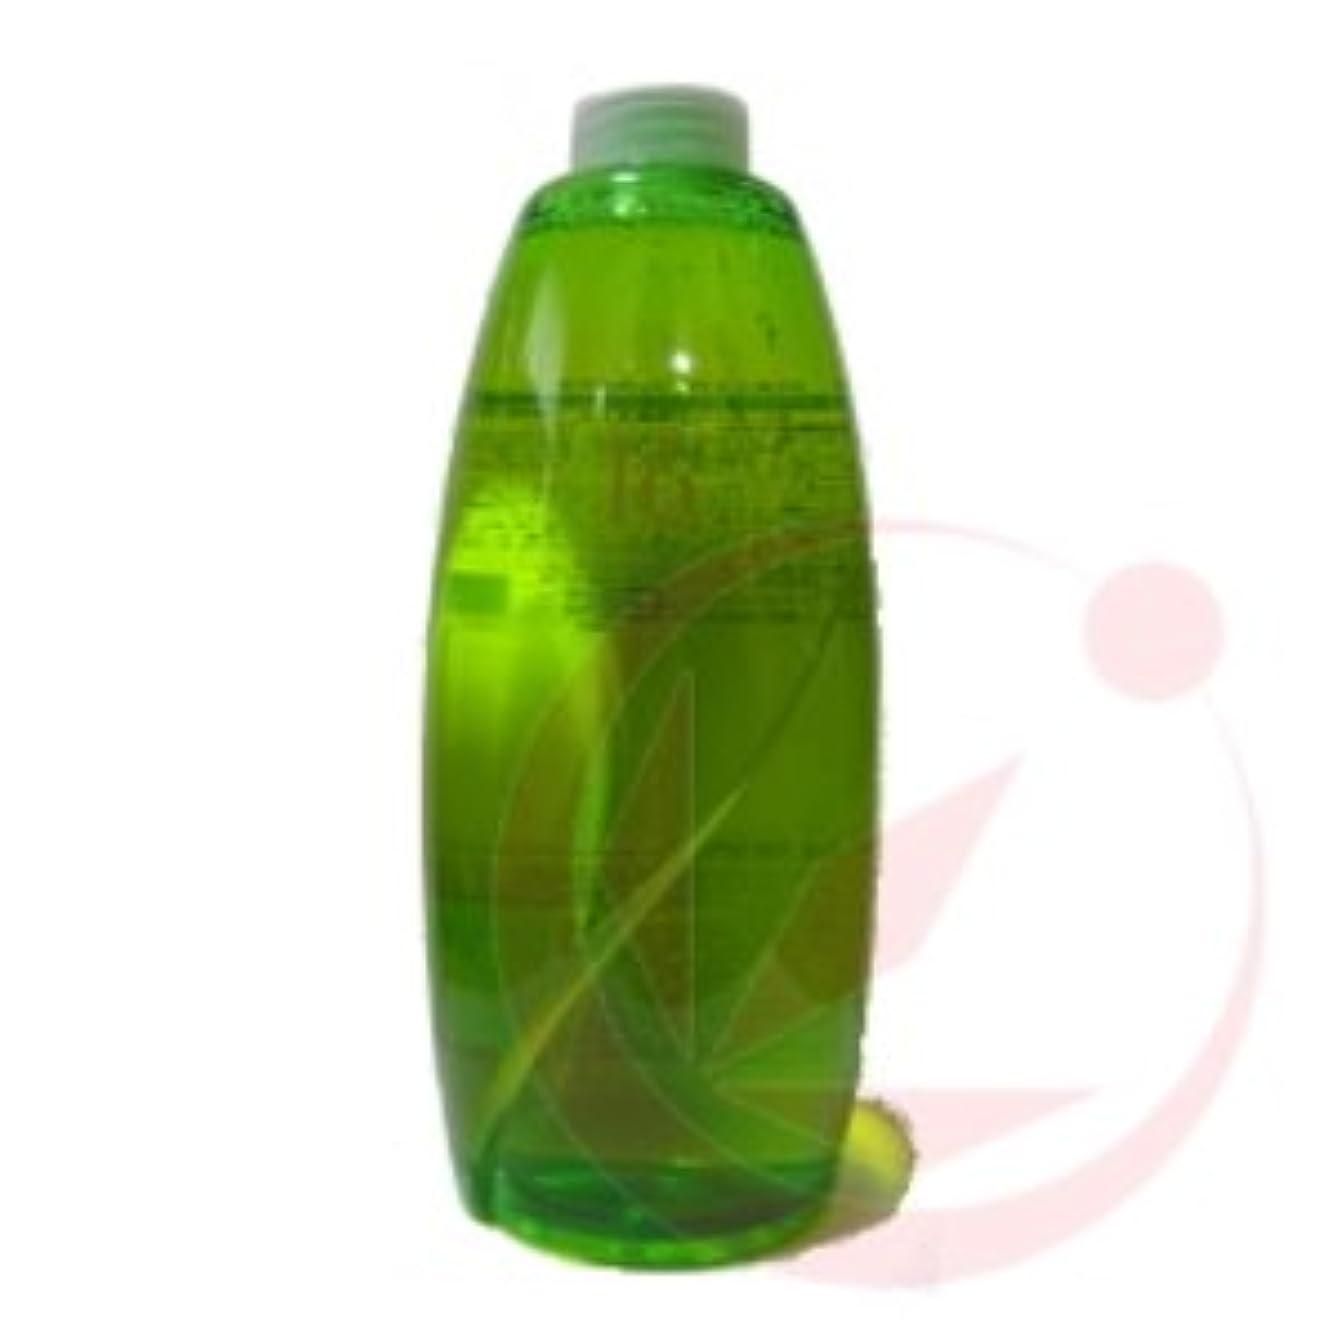 まっすぐ石膏ジョセフバンクスハホニコ 十六油(じゅうろくゆ) 1000ml(業務?詰替用)【16油】